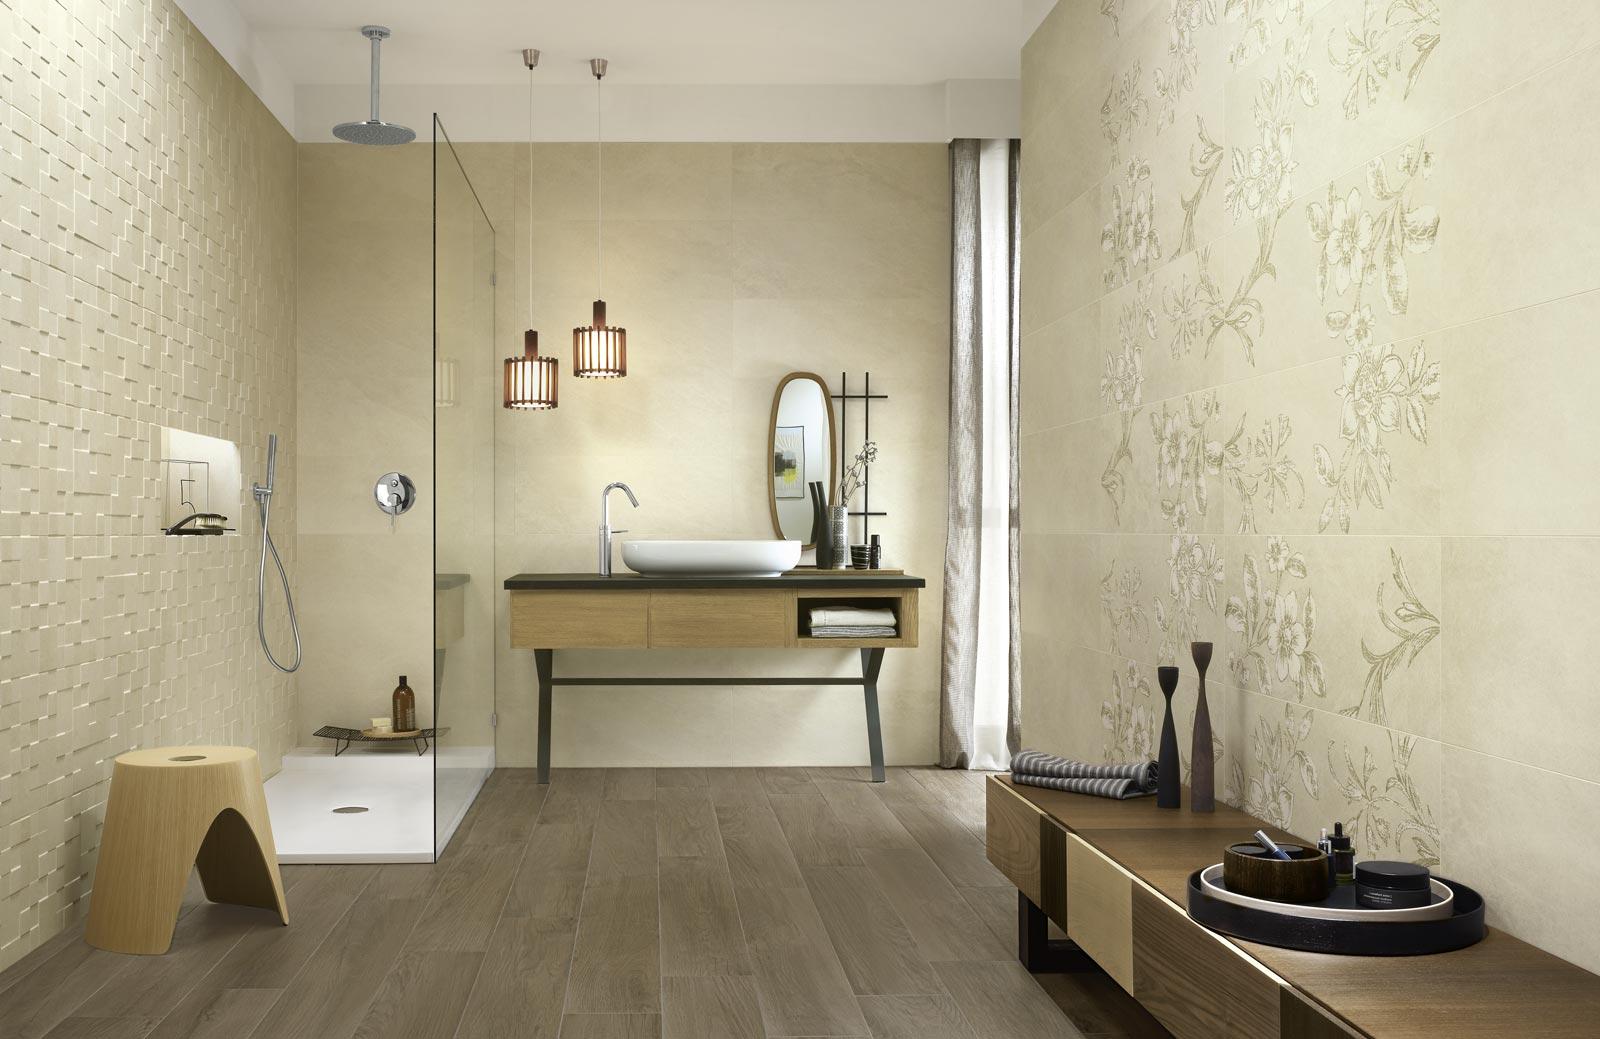 Collezione natural form rivestimenti per il tuo bagno ragno - Ragno rivestimenti bagno ...